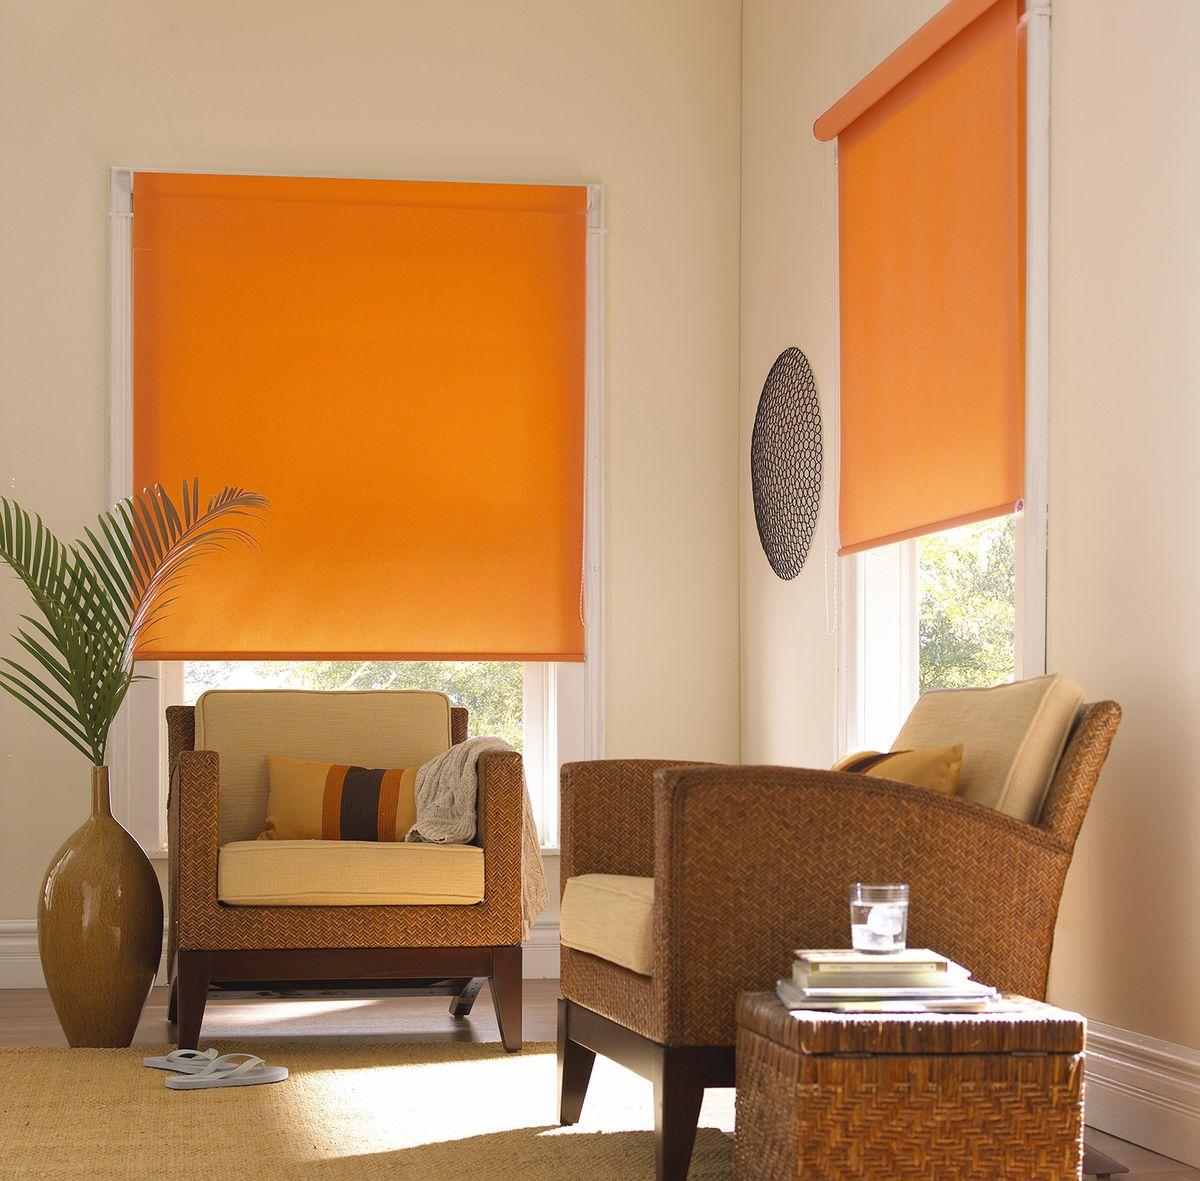 Штора рулонная Эскар Миниролло. Однотонные, цвет: апельсин, ширина 98 см, высота 170 см31203098170Рулонная штора Эскар Миниролло выполнена из высокопрочной ткани,которая сохраняет свой размер даже при намокании. Ткань не выцветает иобладает отличной цветоустойчивостью.Миниролло - это подвид рулонных штор, который закрывает не весь оконныйпроем, а непосредственно само стекло. Такие шторы крепятся на раму безсверления при помощи зажимов или клейкой двухсторонней ленты (в комплекте).Окно остаетсяна гарантии, благодаря монтажу без сверления.Такая штора станет прекрасным элементом декора окна и гармонично впишется винтерьер любого помещения.